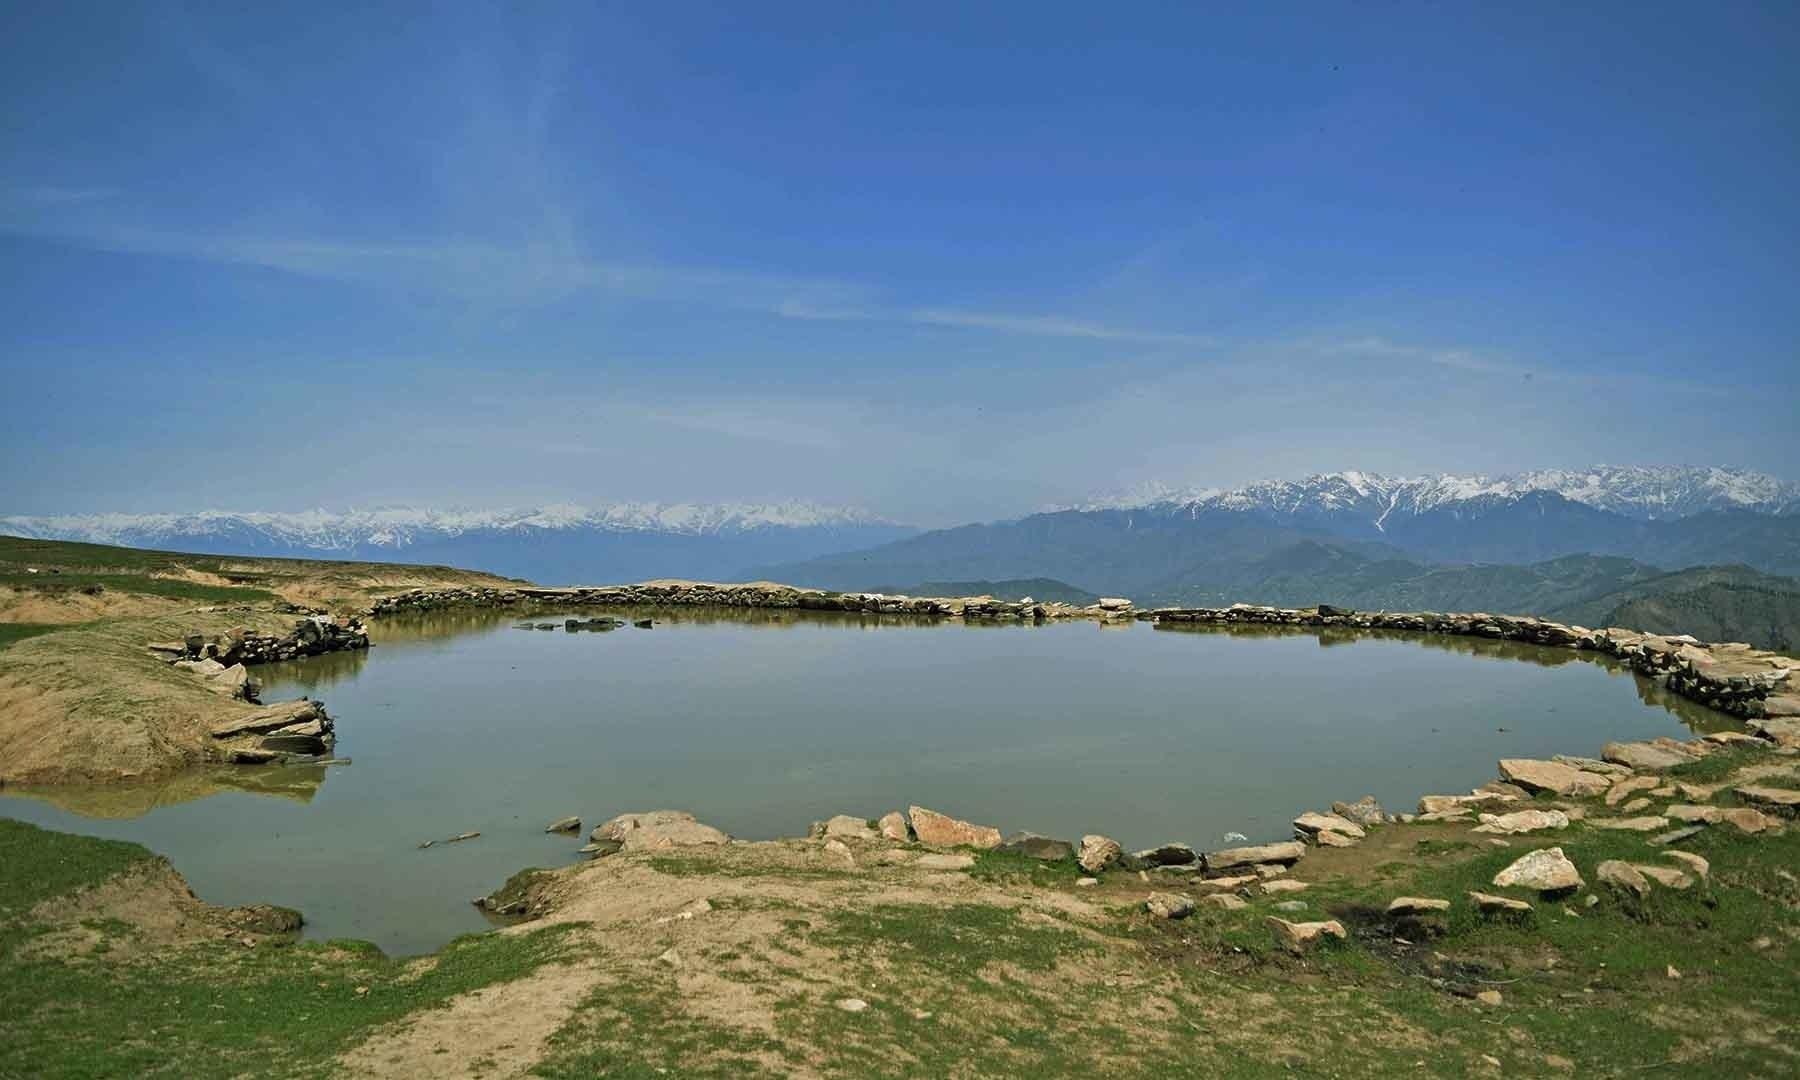 سرے شاہ سر جھیل: جہاں سکندرِ اعظم نے اپنی فوج منظم کی